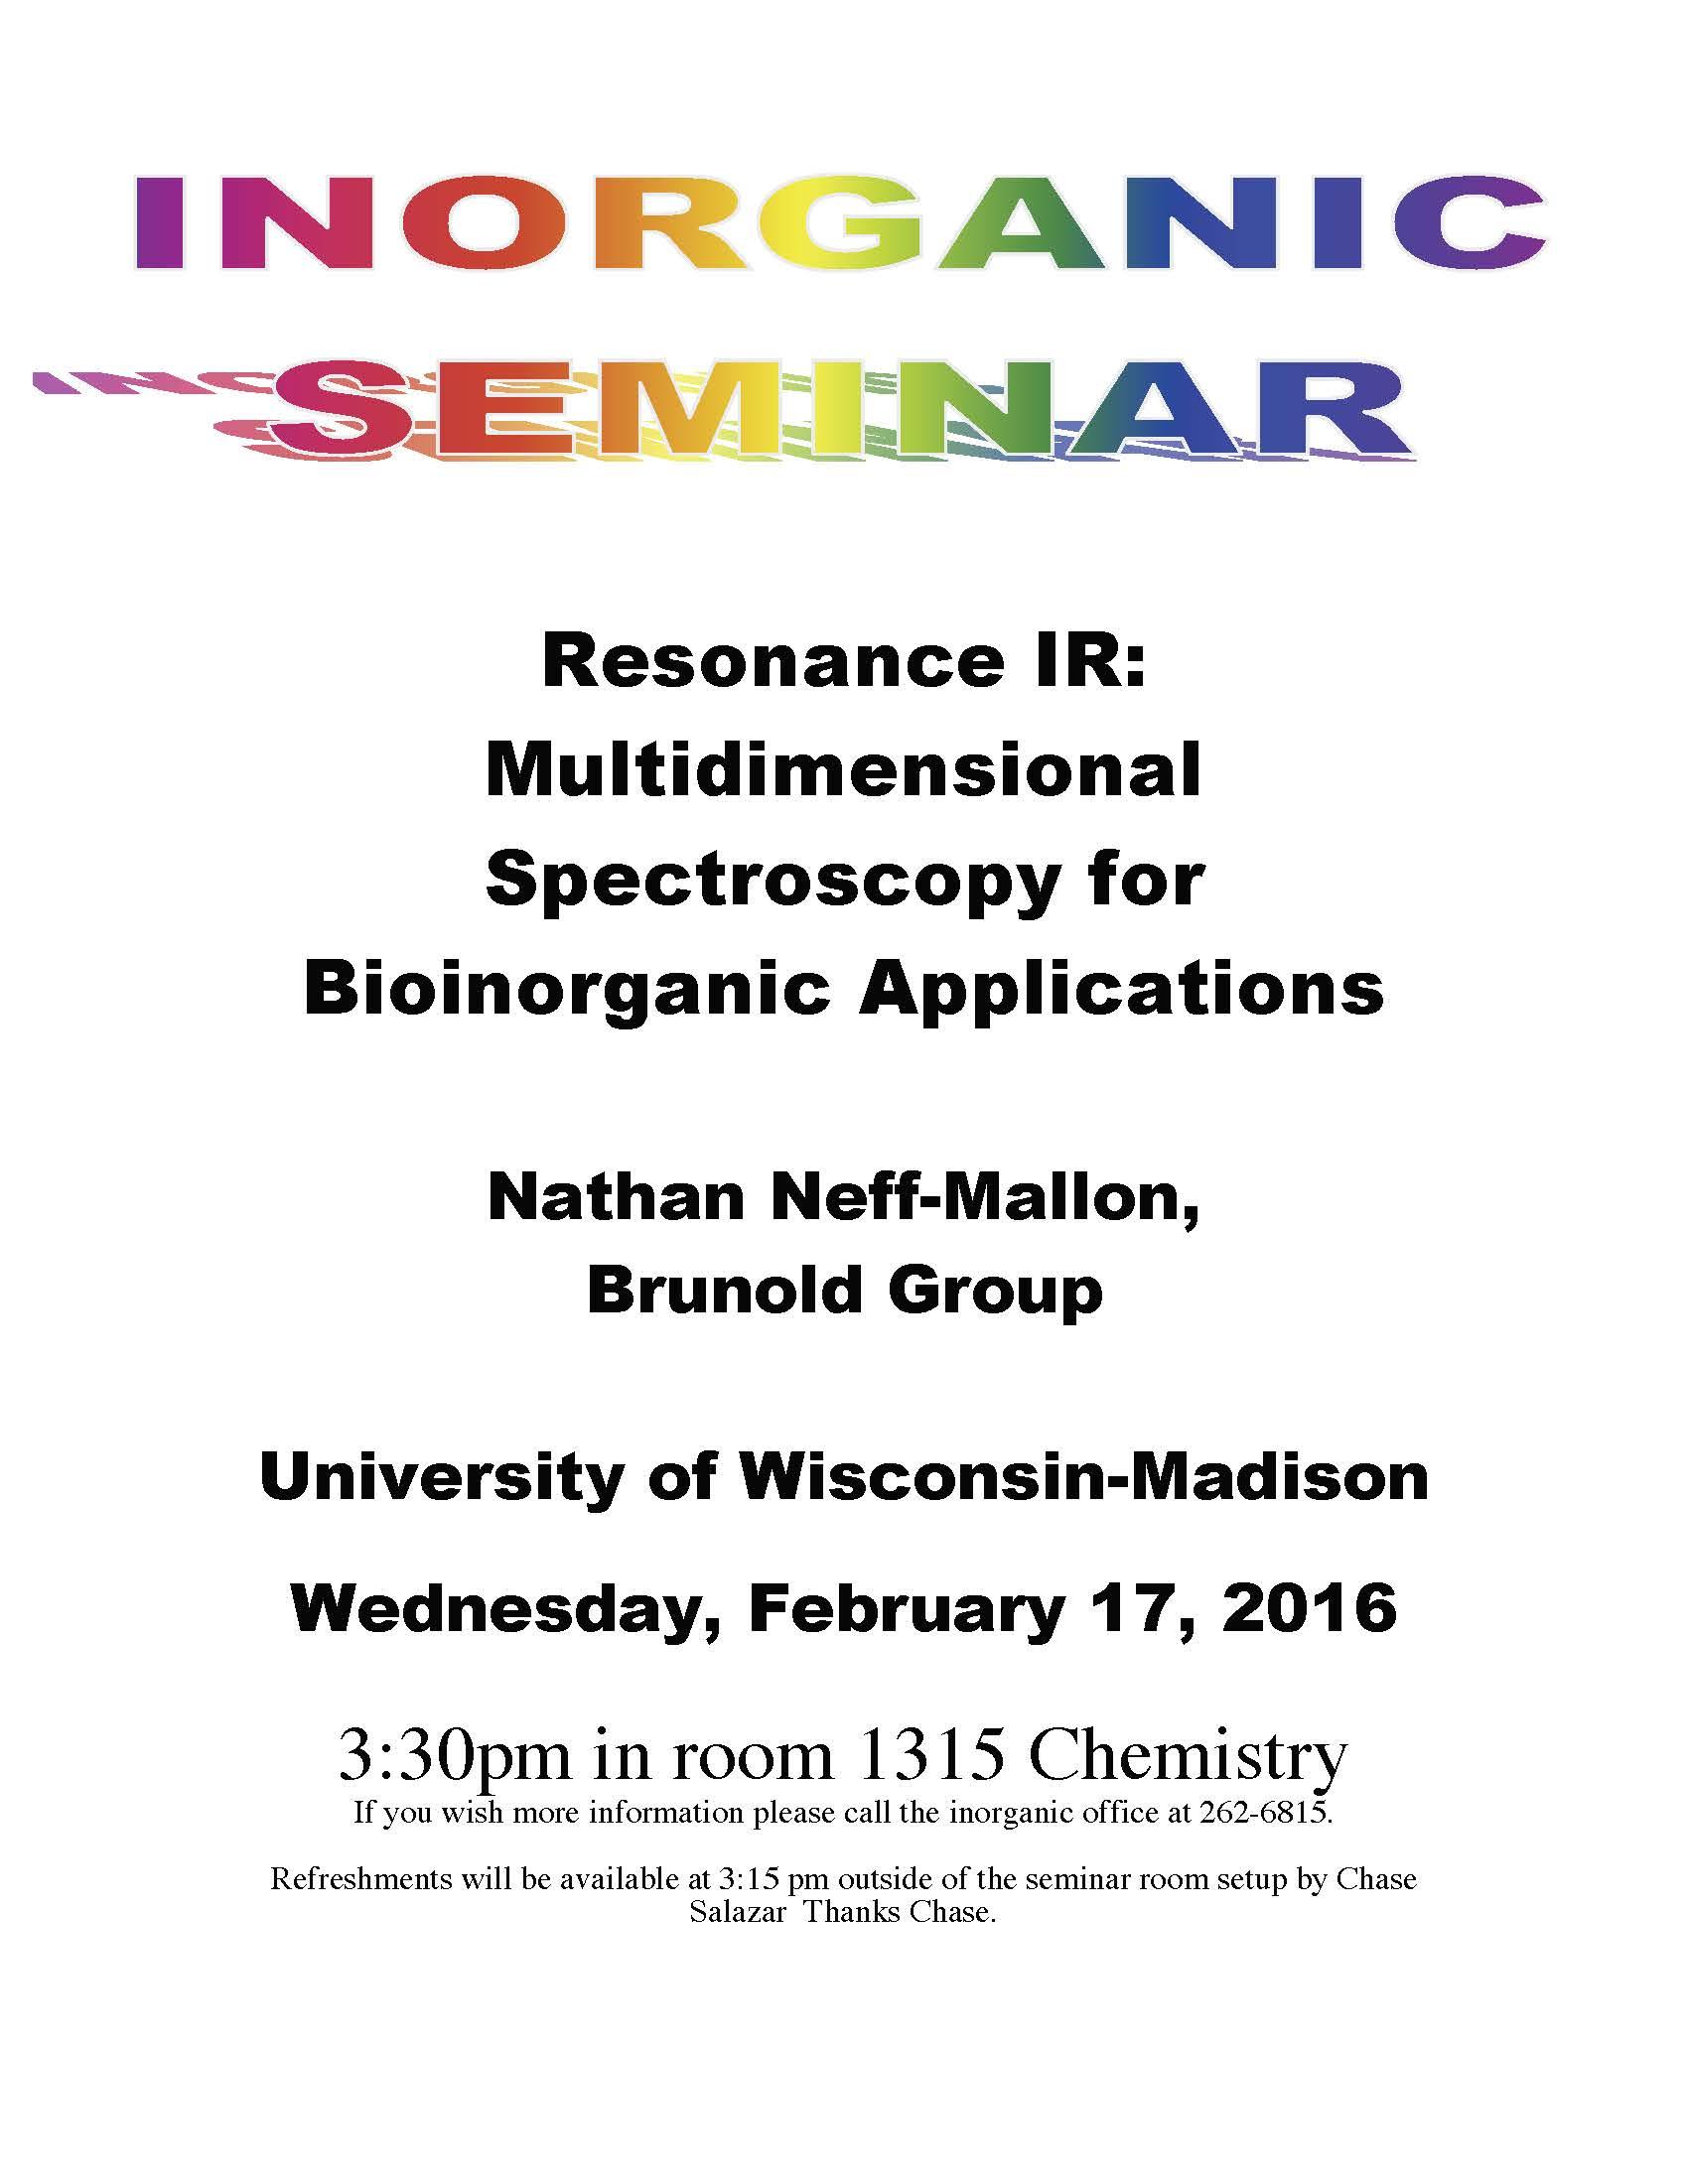 Inorganic Student Seminar Resonance IR: Multidimensional